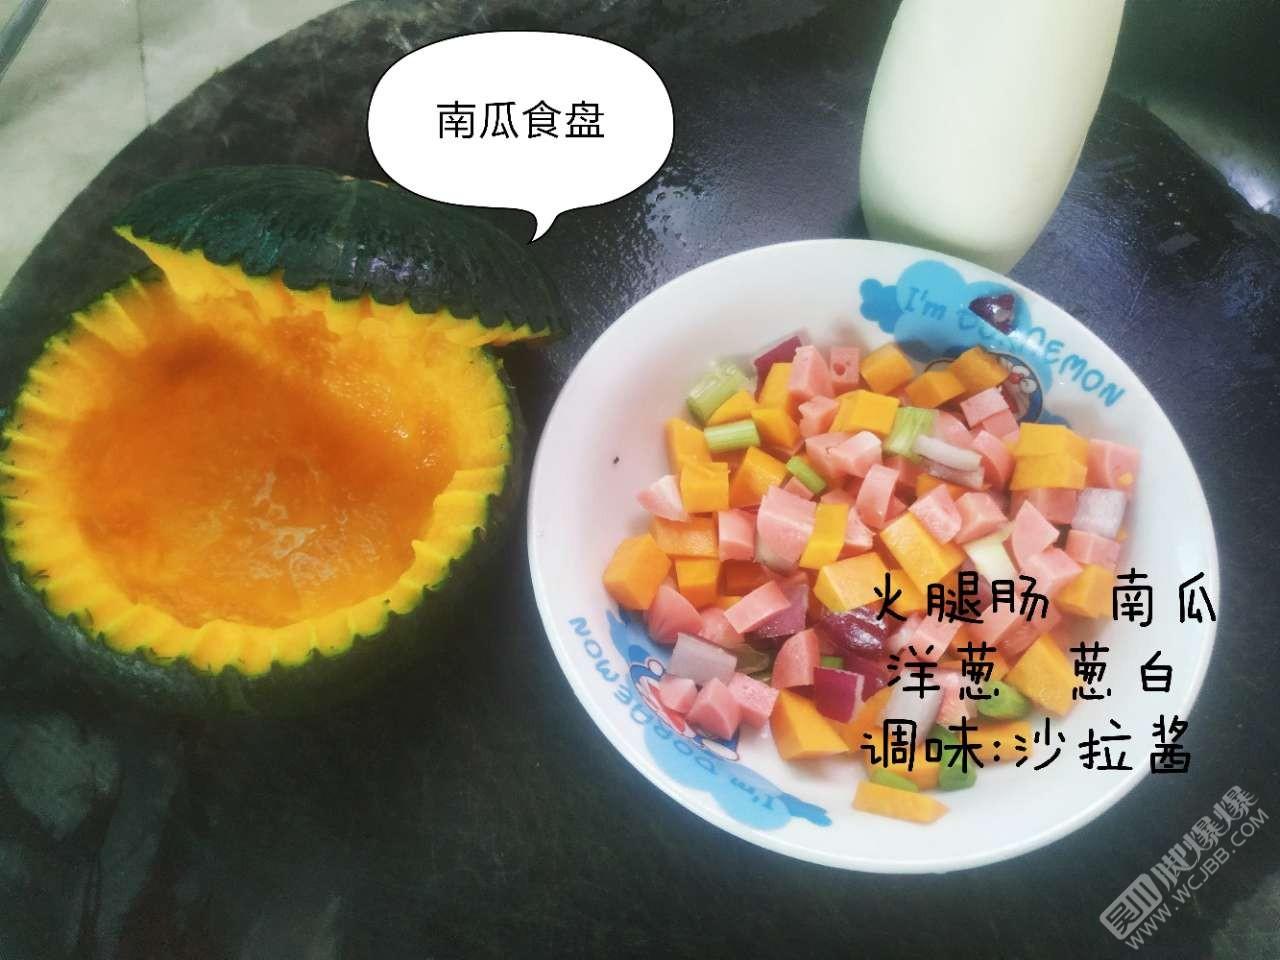 這樣做的南瓜味道更香甜,專治不愛吃南瓜的小朋友!